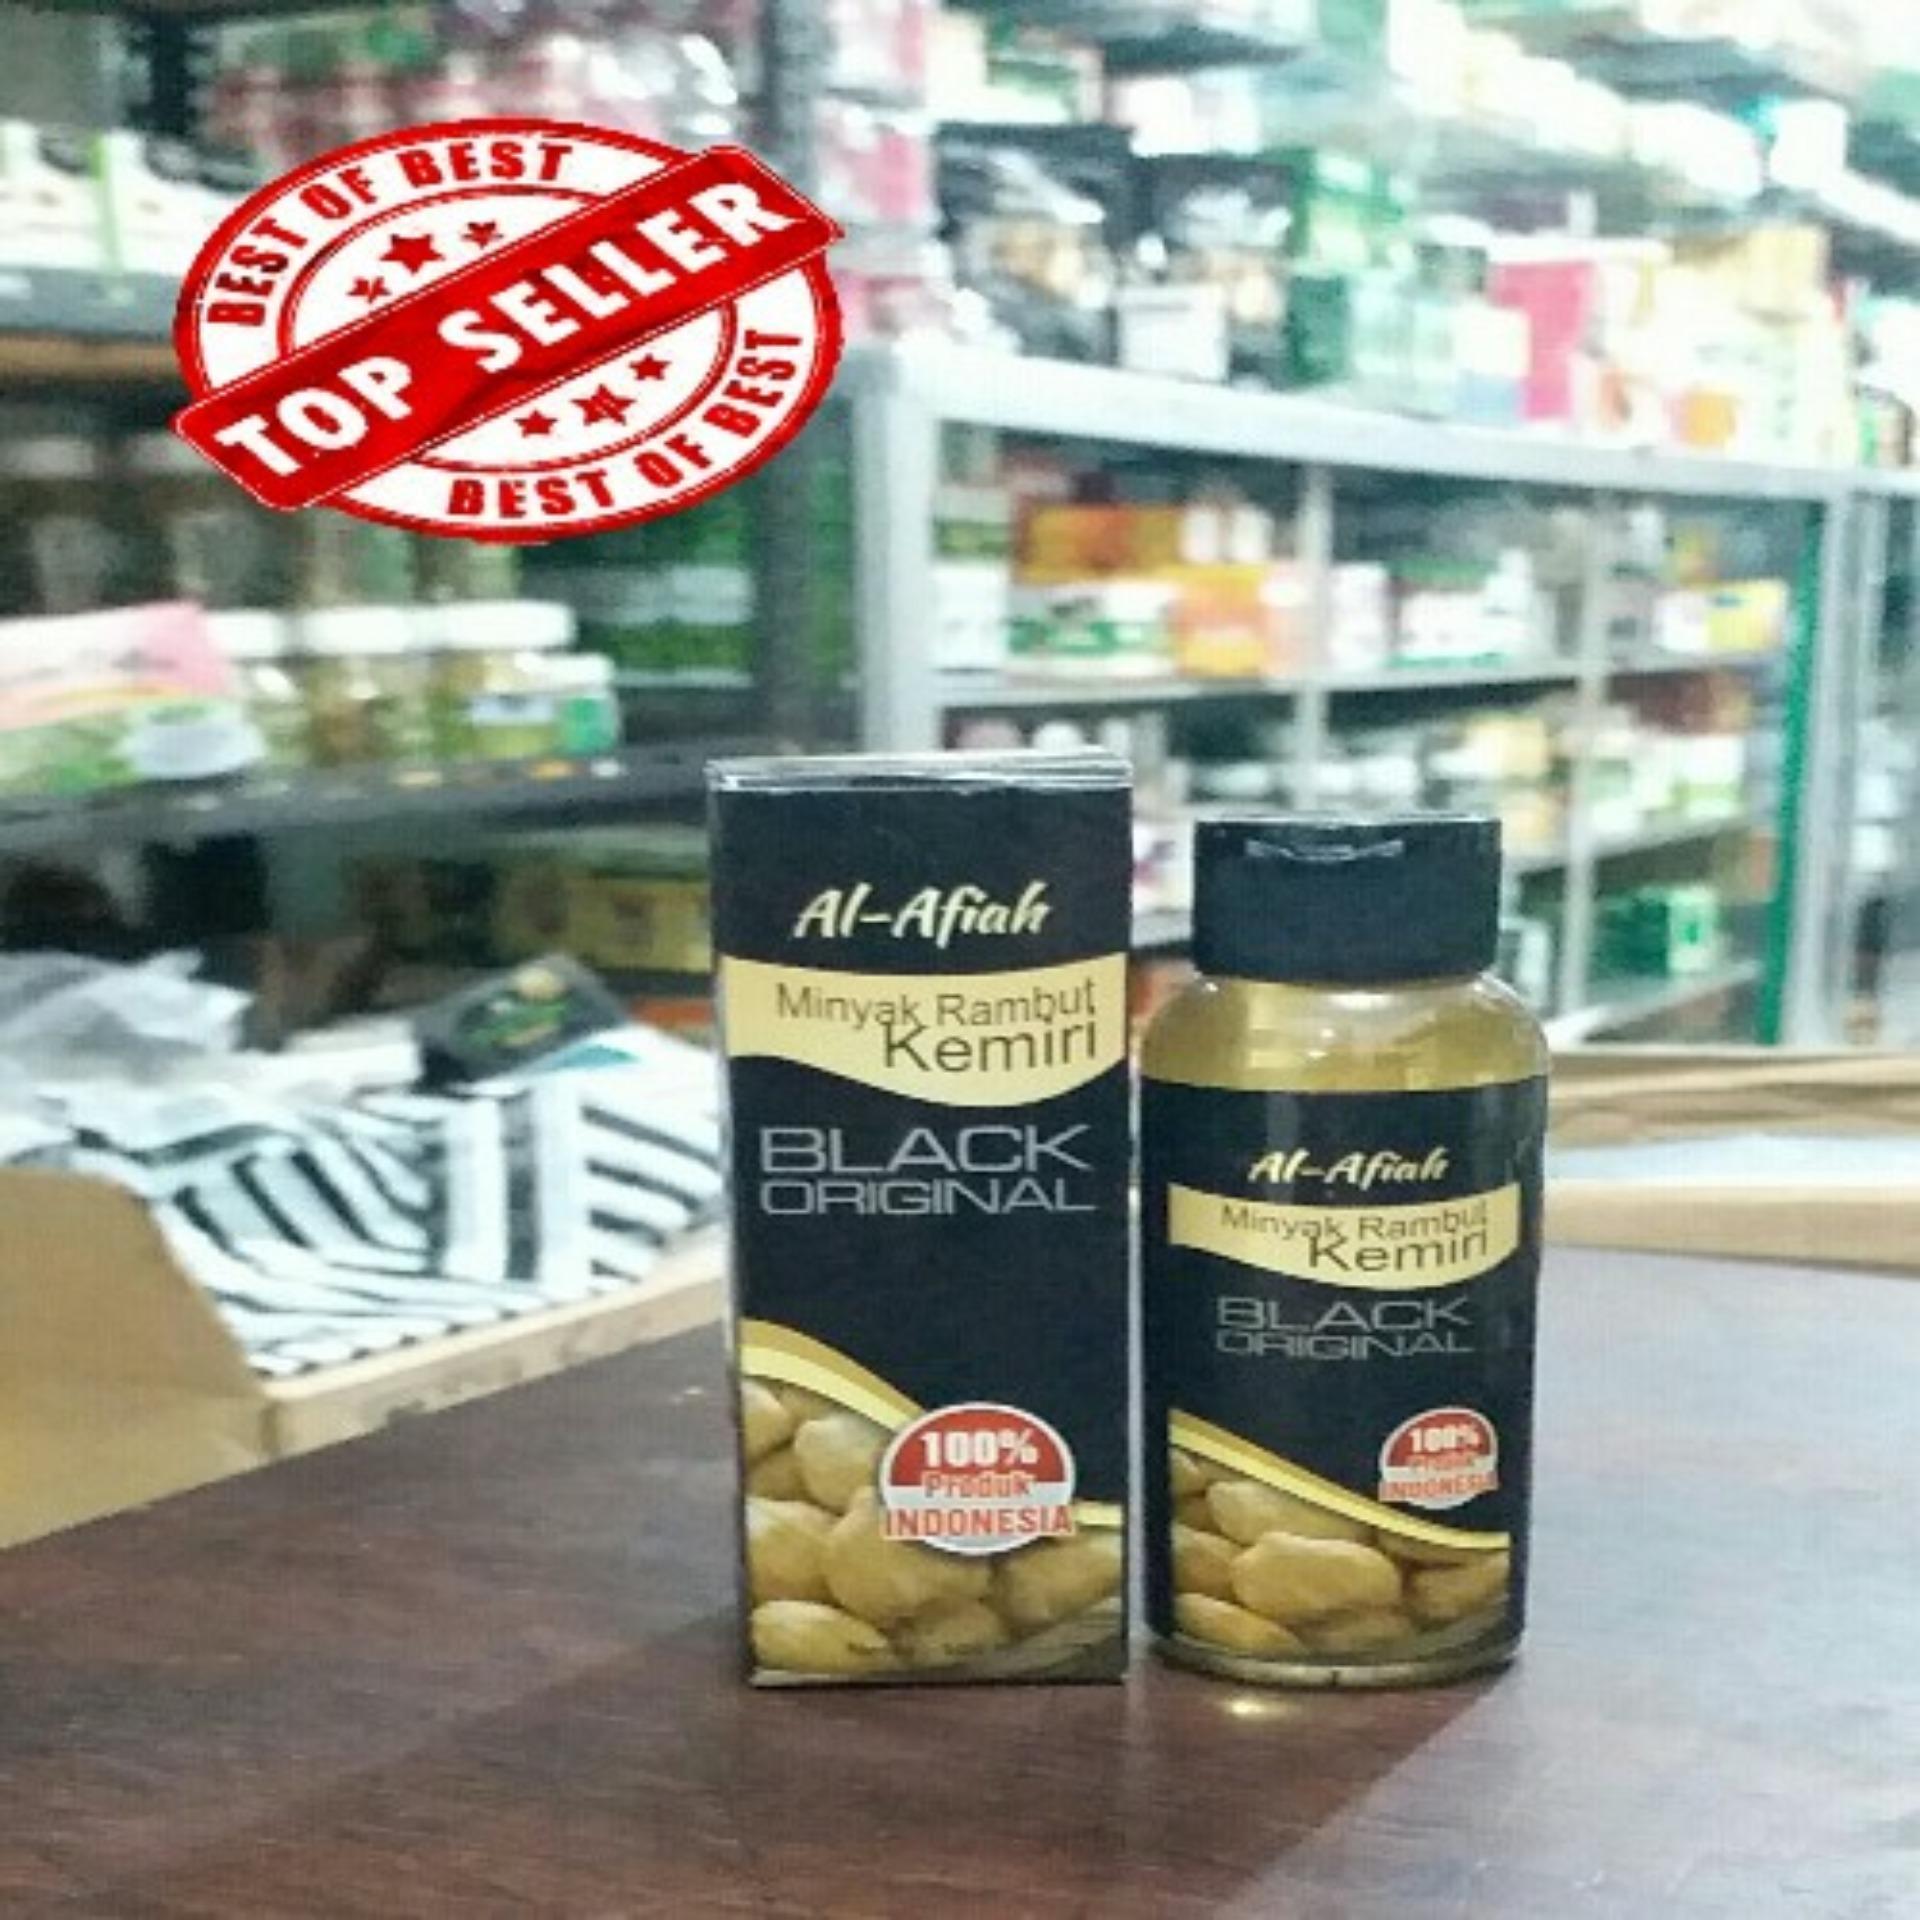 Review Happy Kemiriku Minyak Rambut 3pcs Dan Harga Terbaru Katalog Tm Pomade Kopi Kemiri Black Original Penghitam